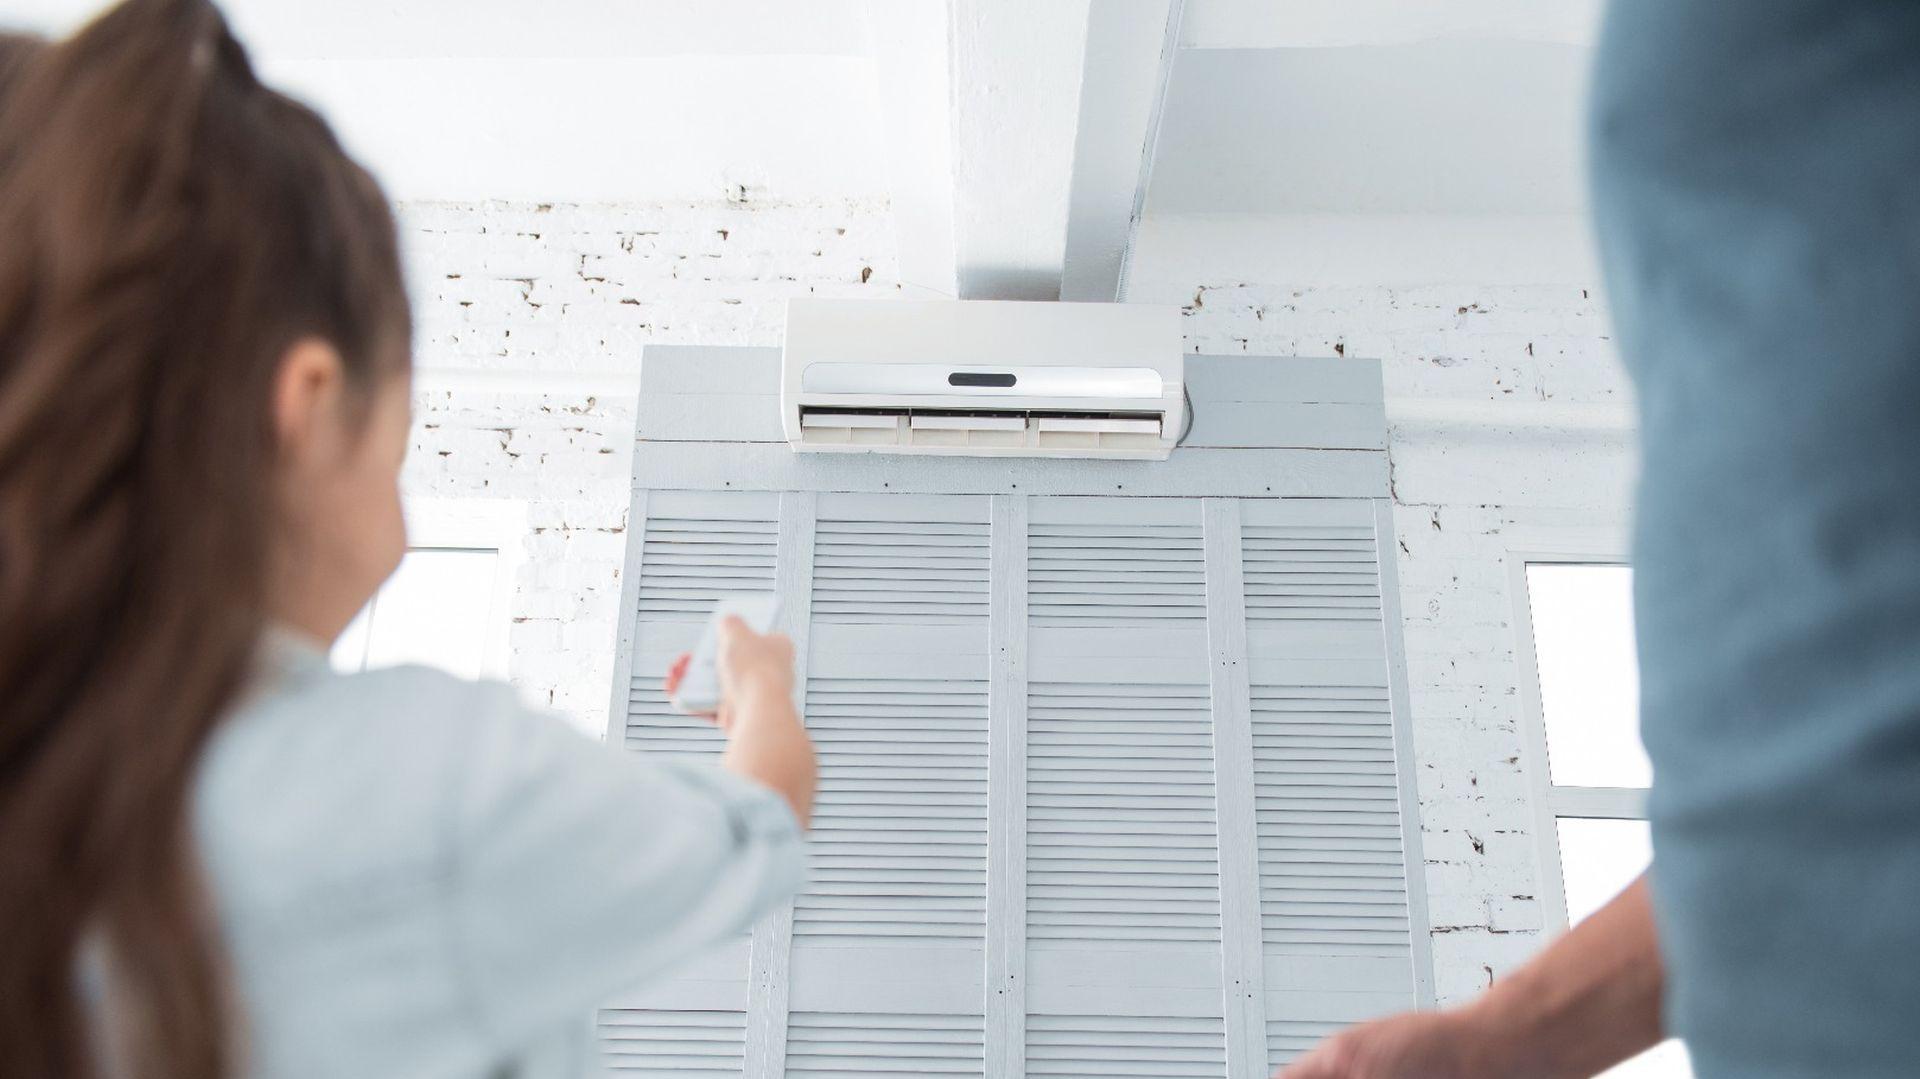 Różnica temperatur wewnątrz i na zewnątrz nie może przekraczać 7°C. Jeżeli w pomieszczeniu przebywają dzieci – wartość ta powinna być zdecydowanie mniejsza. Odpowiedni zakres temperatury w schładzanym mieszkaniu wynosi od 20 do 26°C. Fot. CentroClima